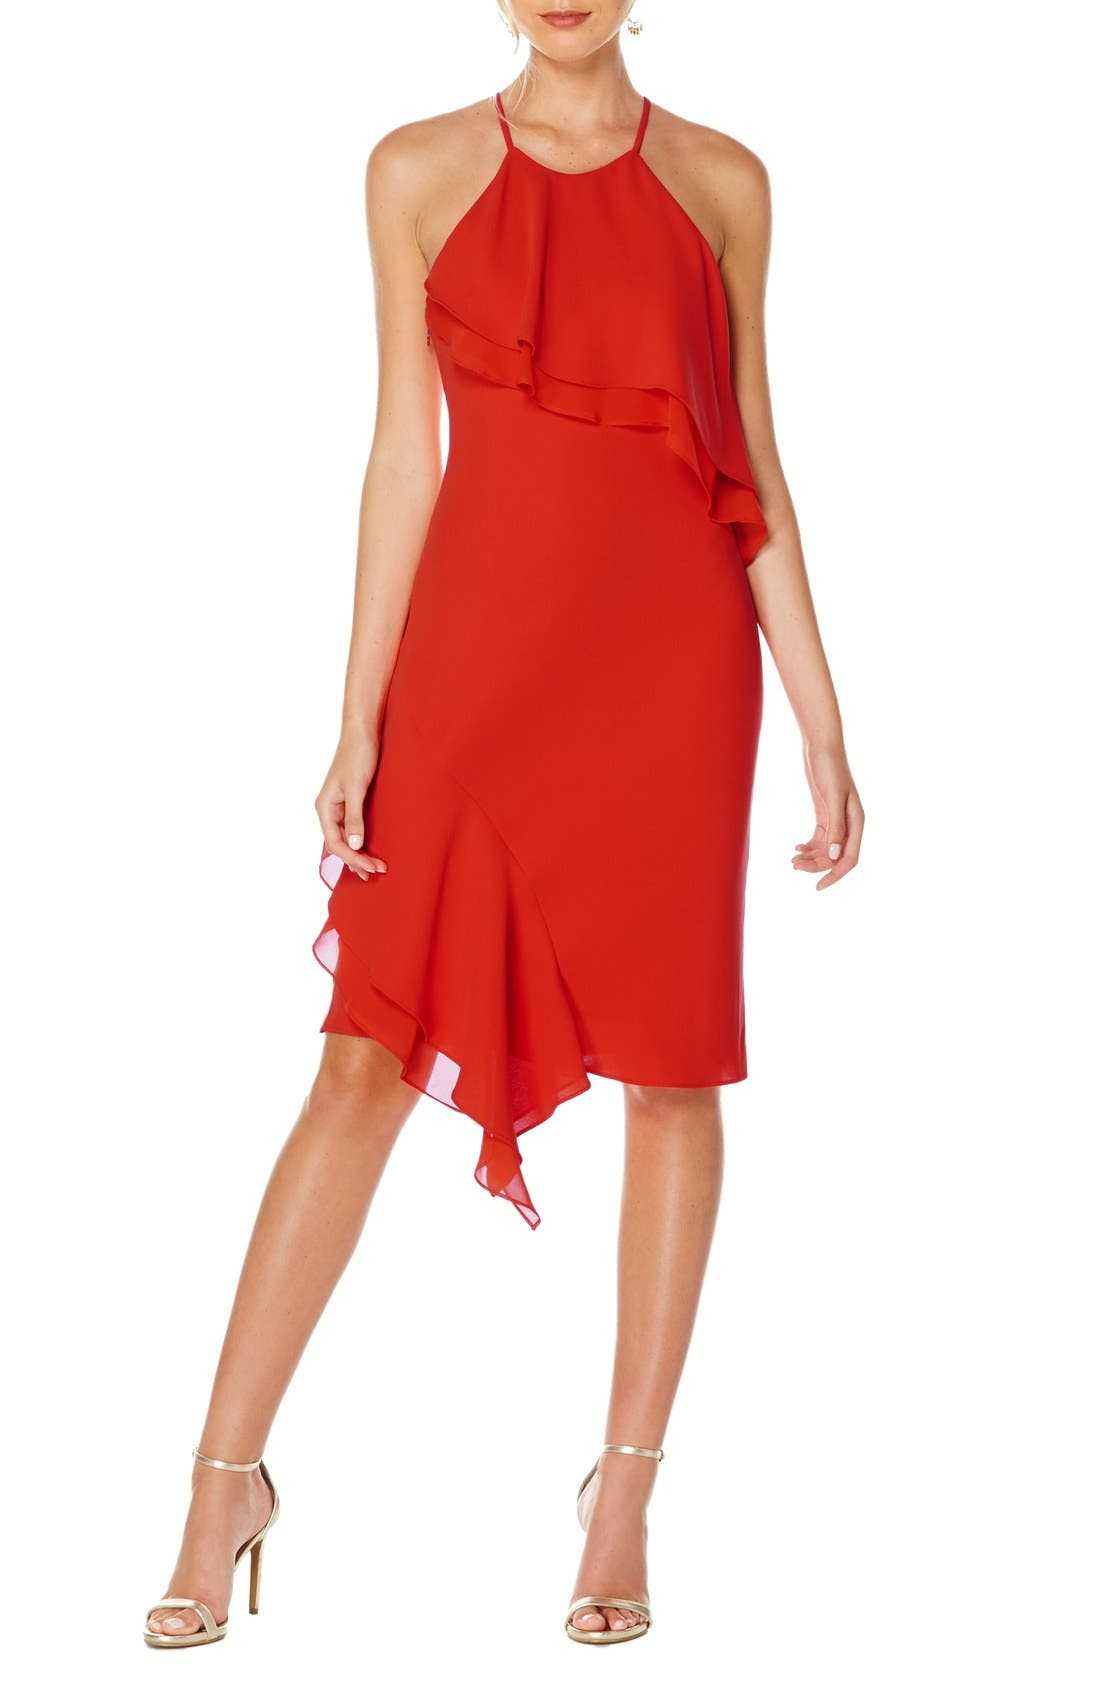 Alternate Image 1 Selected - Laundry by Shelli Segal Chiffon Dress